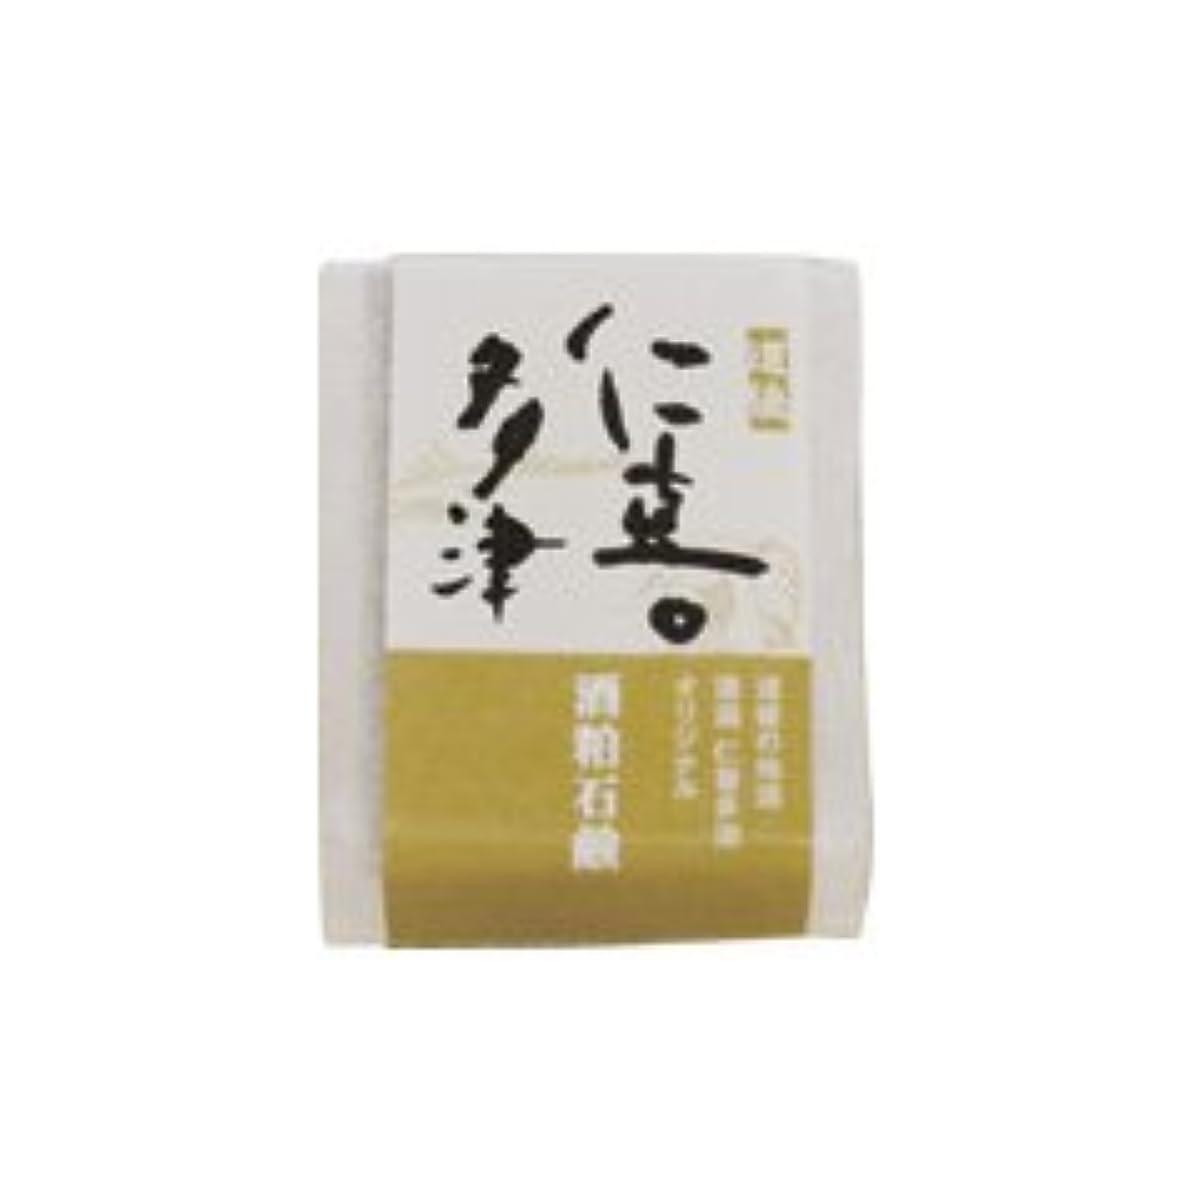 煙ジーンズ一部仁喜多津 オリジナル 酒粕石鹸 60g